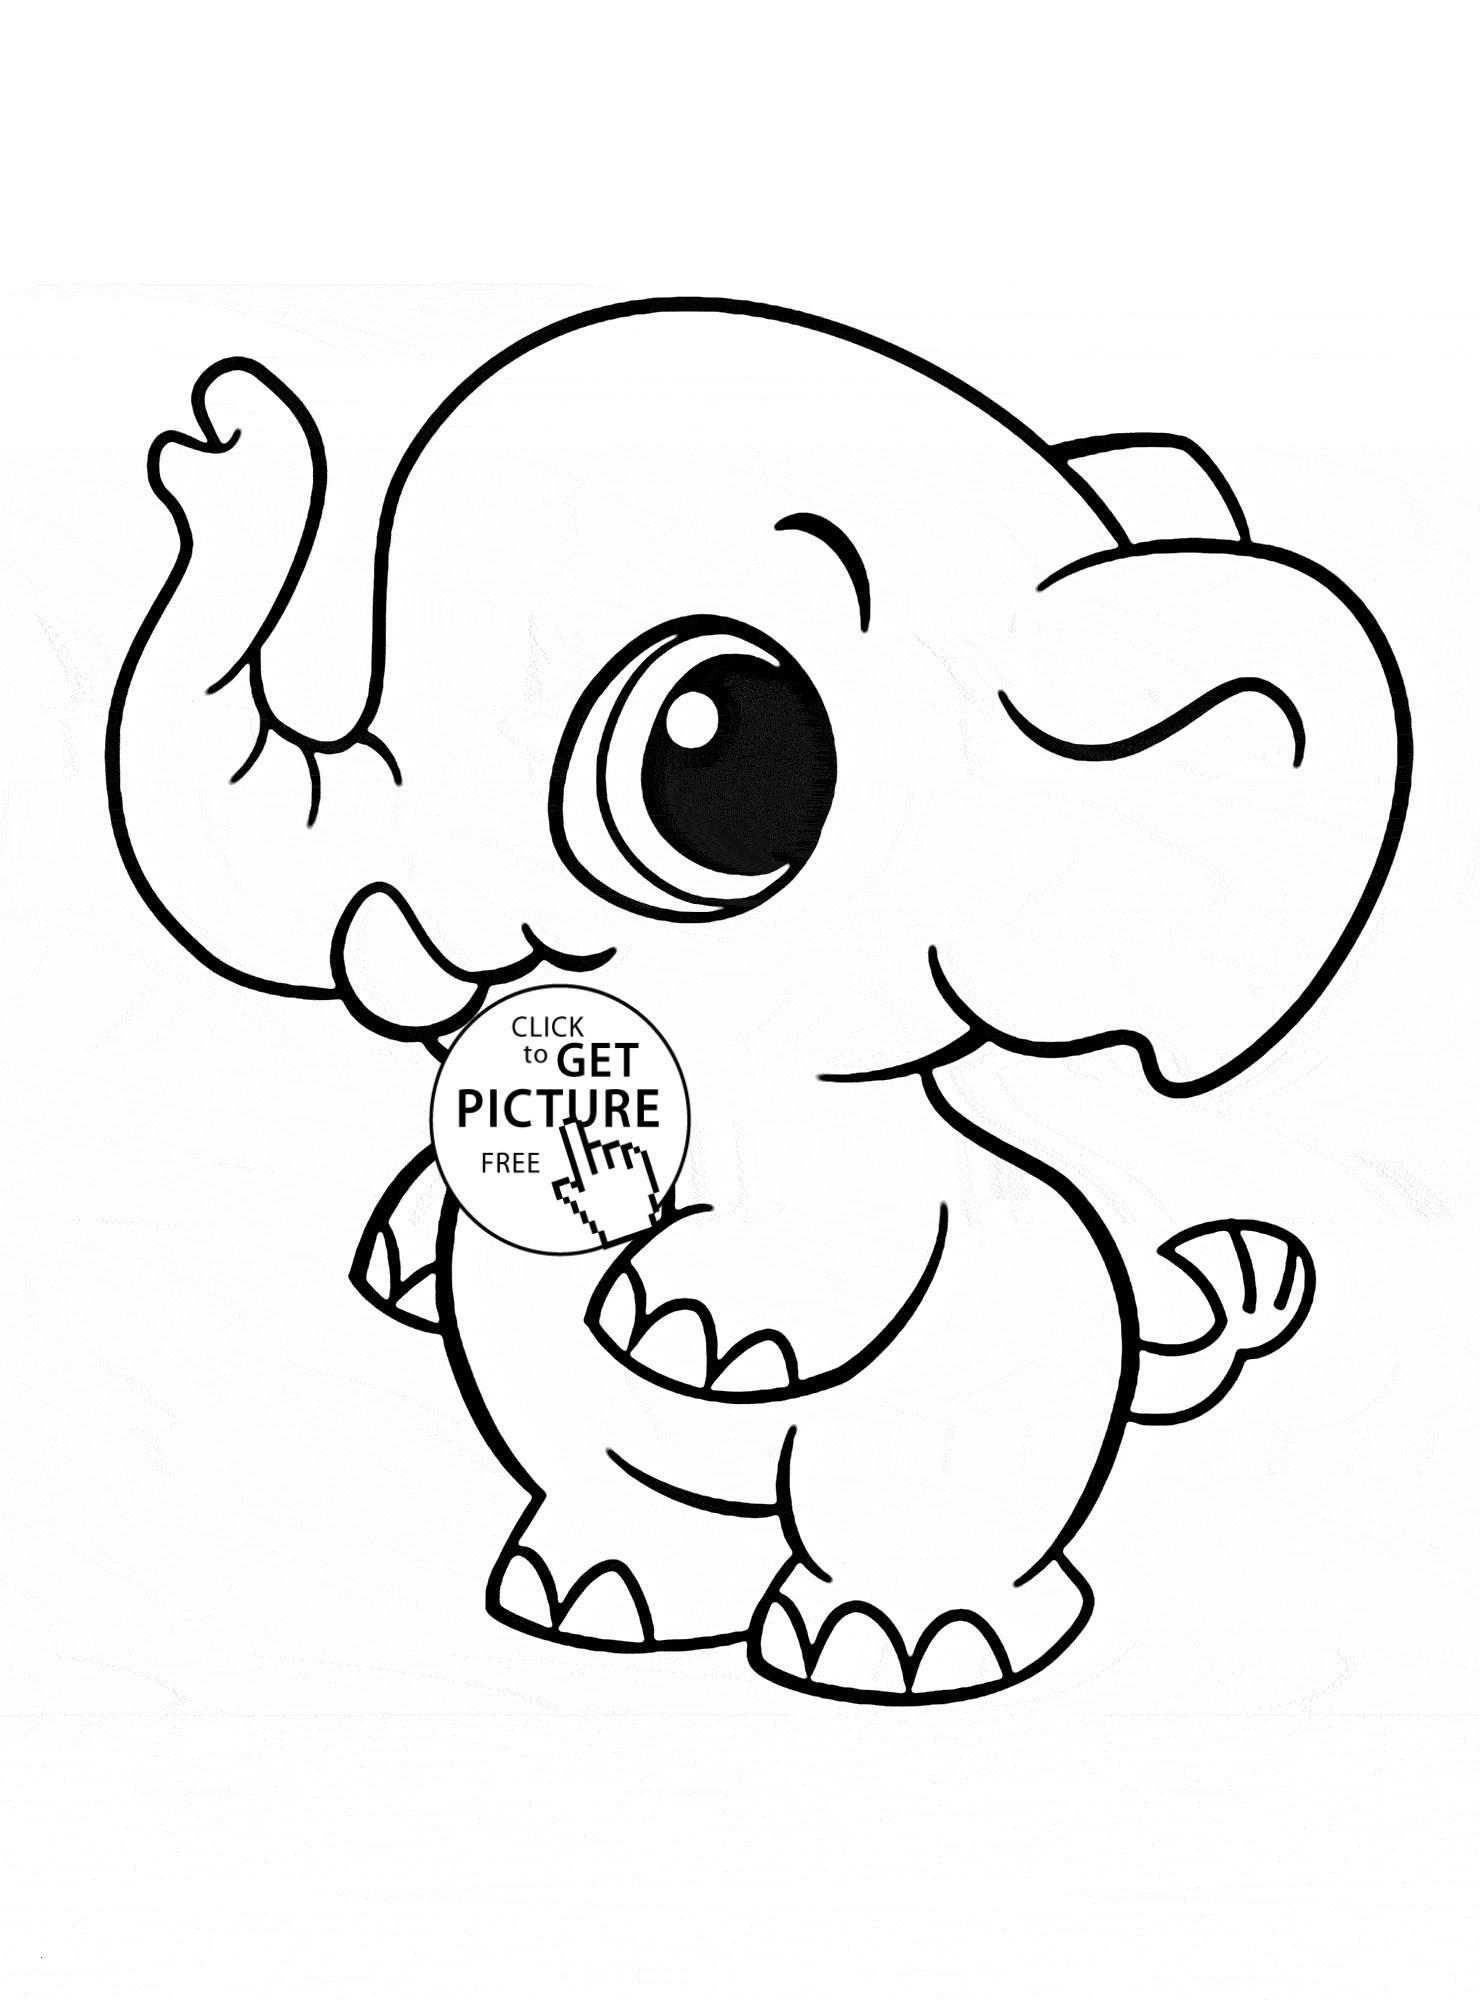 Ausmalbilder Baby Tiere Inspirierend Malvorlage Zahl 70 Inspirierend Ausmalbilder Baby Looney Tunes Schön Bilder